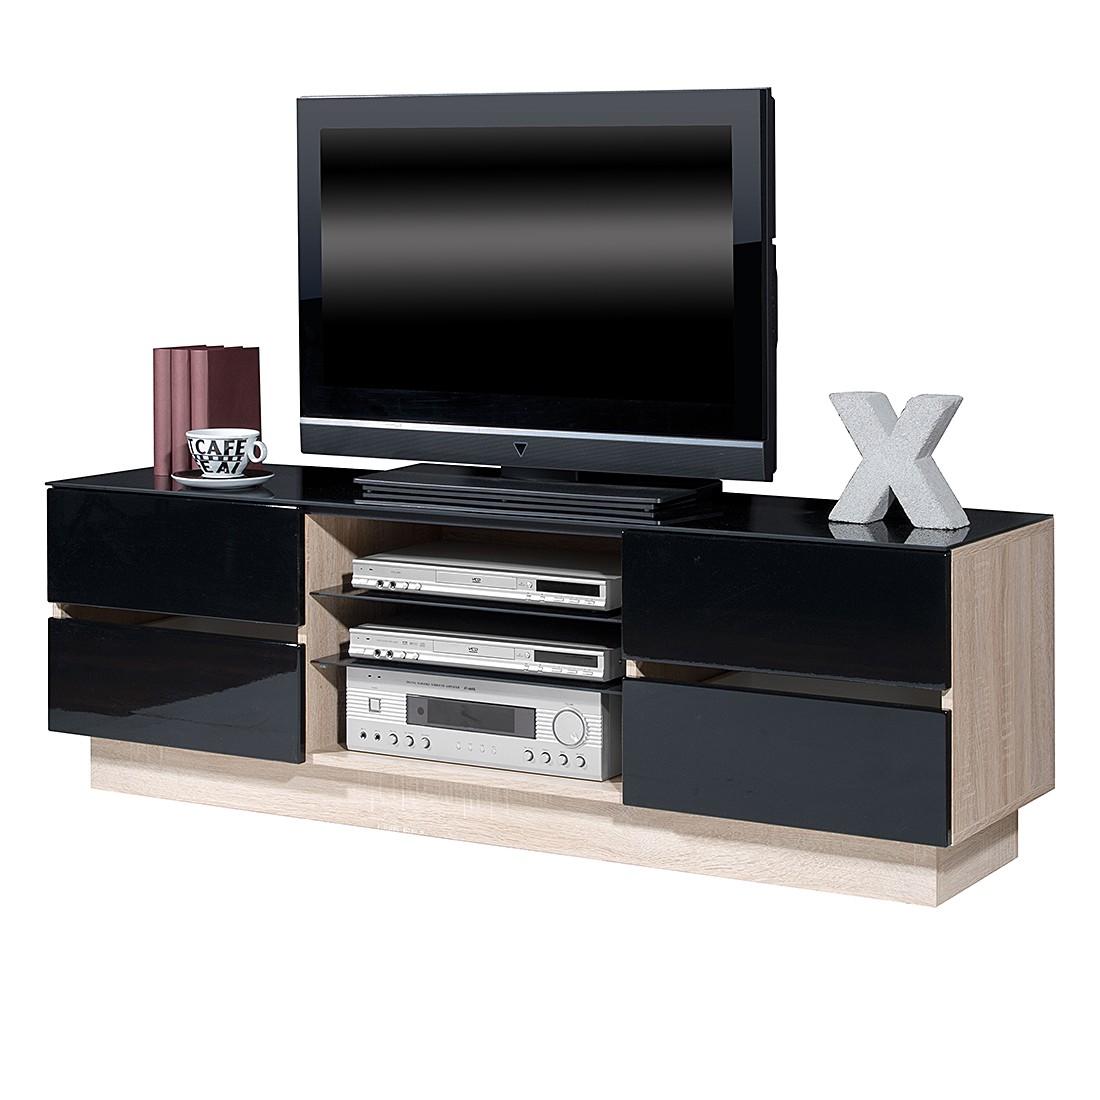 TV-Lowboard Leander – Hochglanz Schwarz/ Sonoma Eiche Dekor, Top Square online bestellen